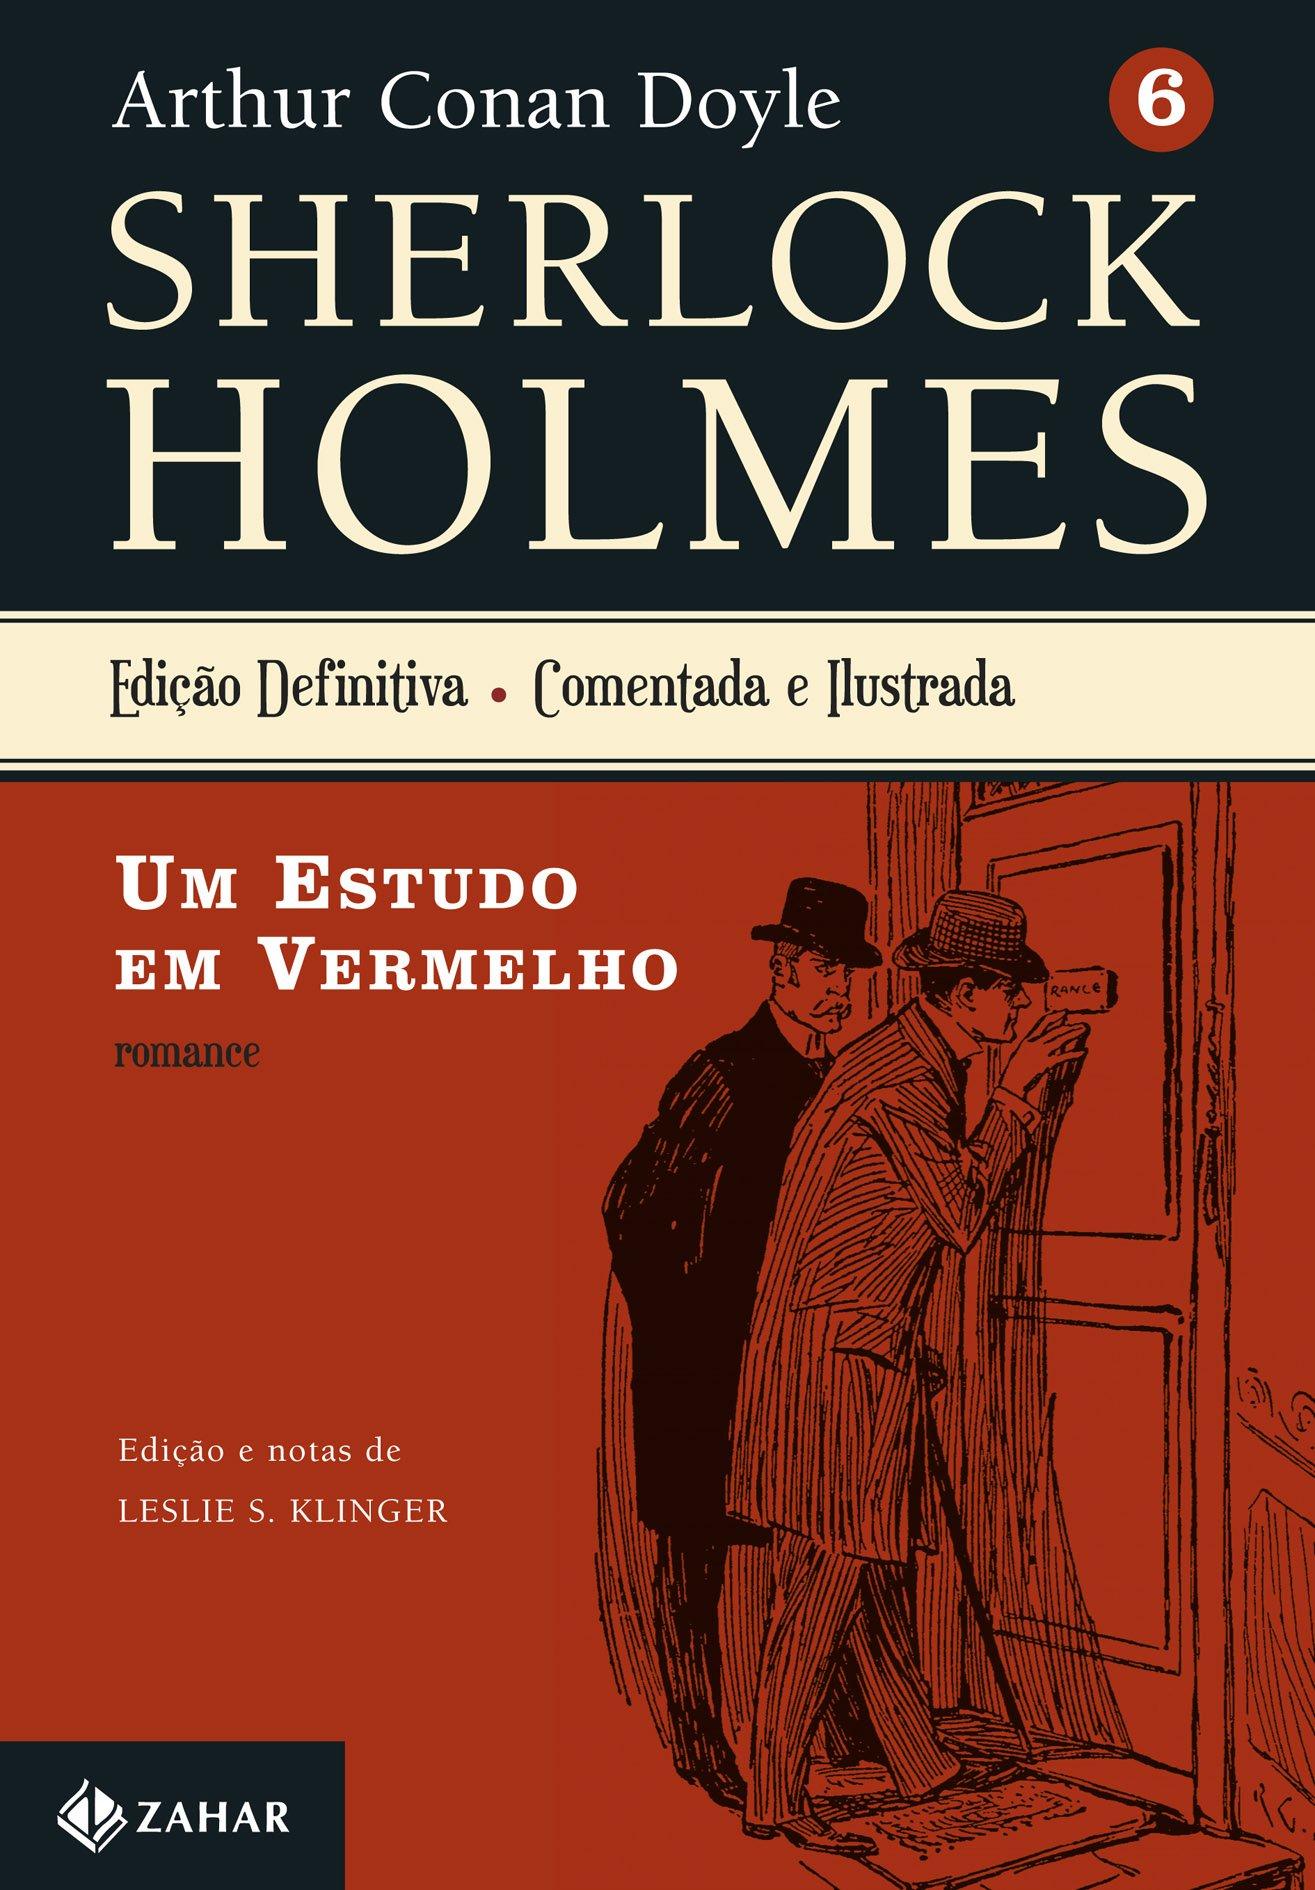 Resenha | Sherlock Holmes: Um Estudo em Vermelho – Arthur Conan Doyle